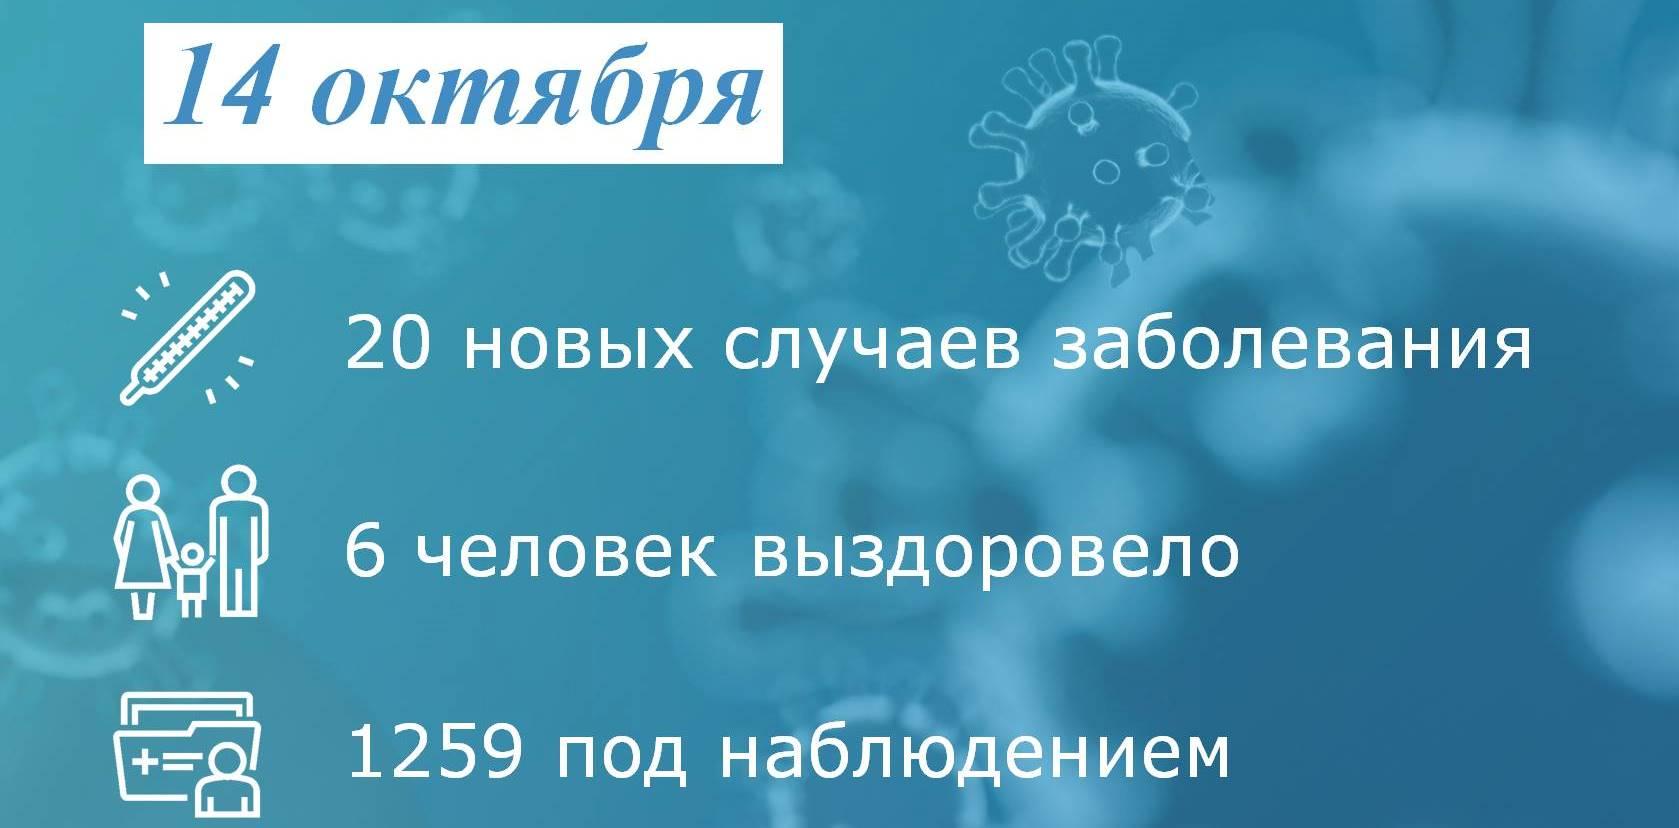 Коронавирус: в Таганроге заболели 20 человек